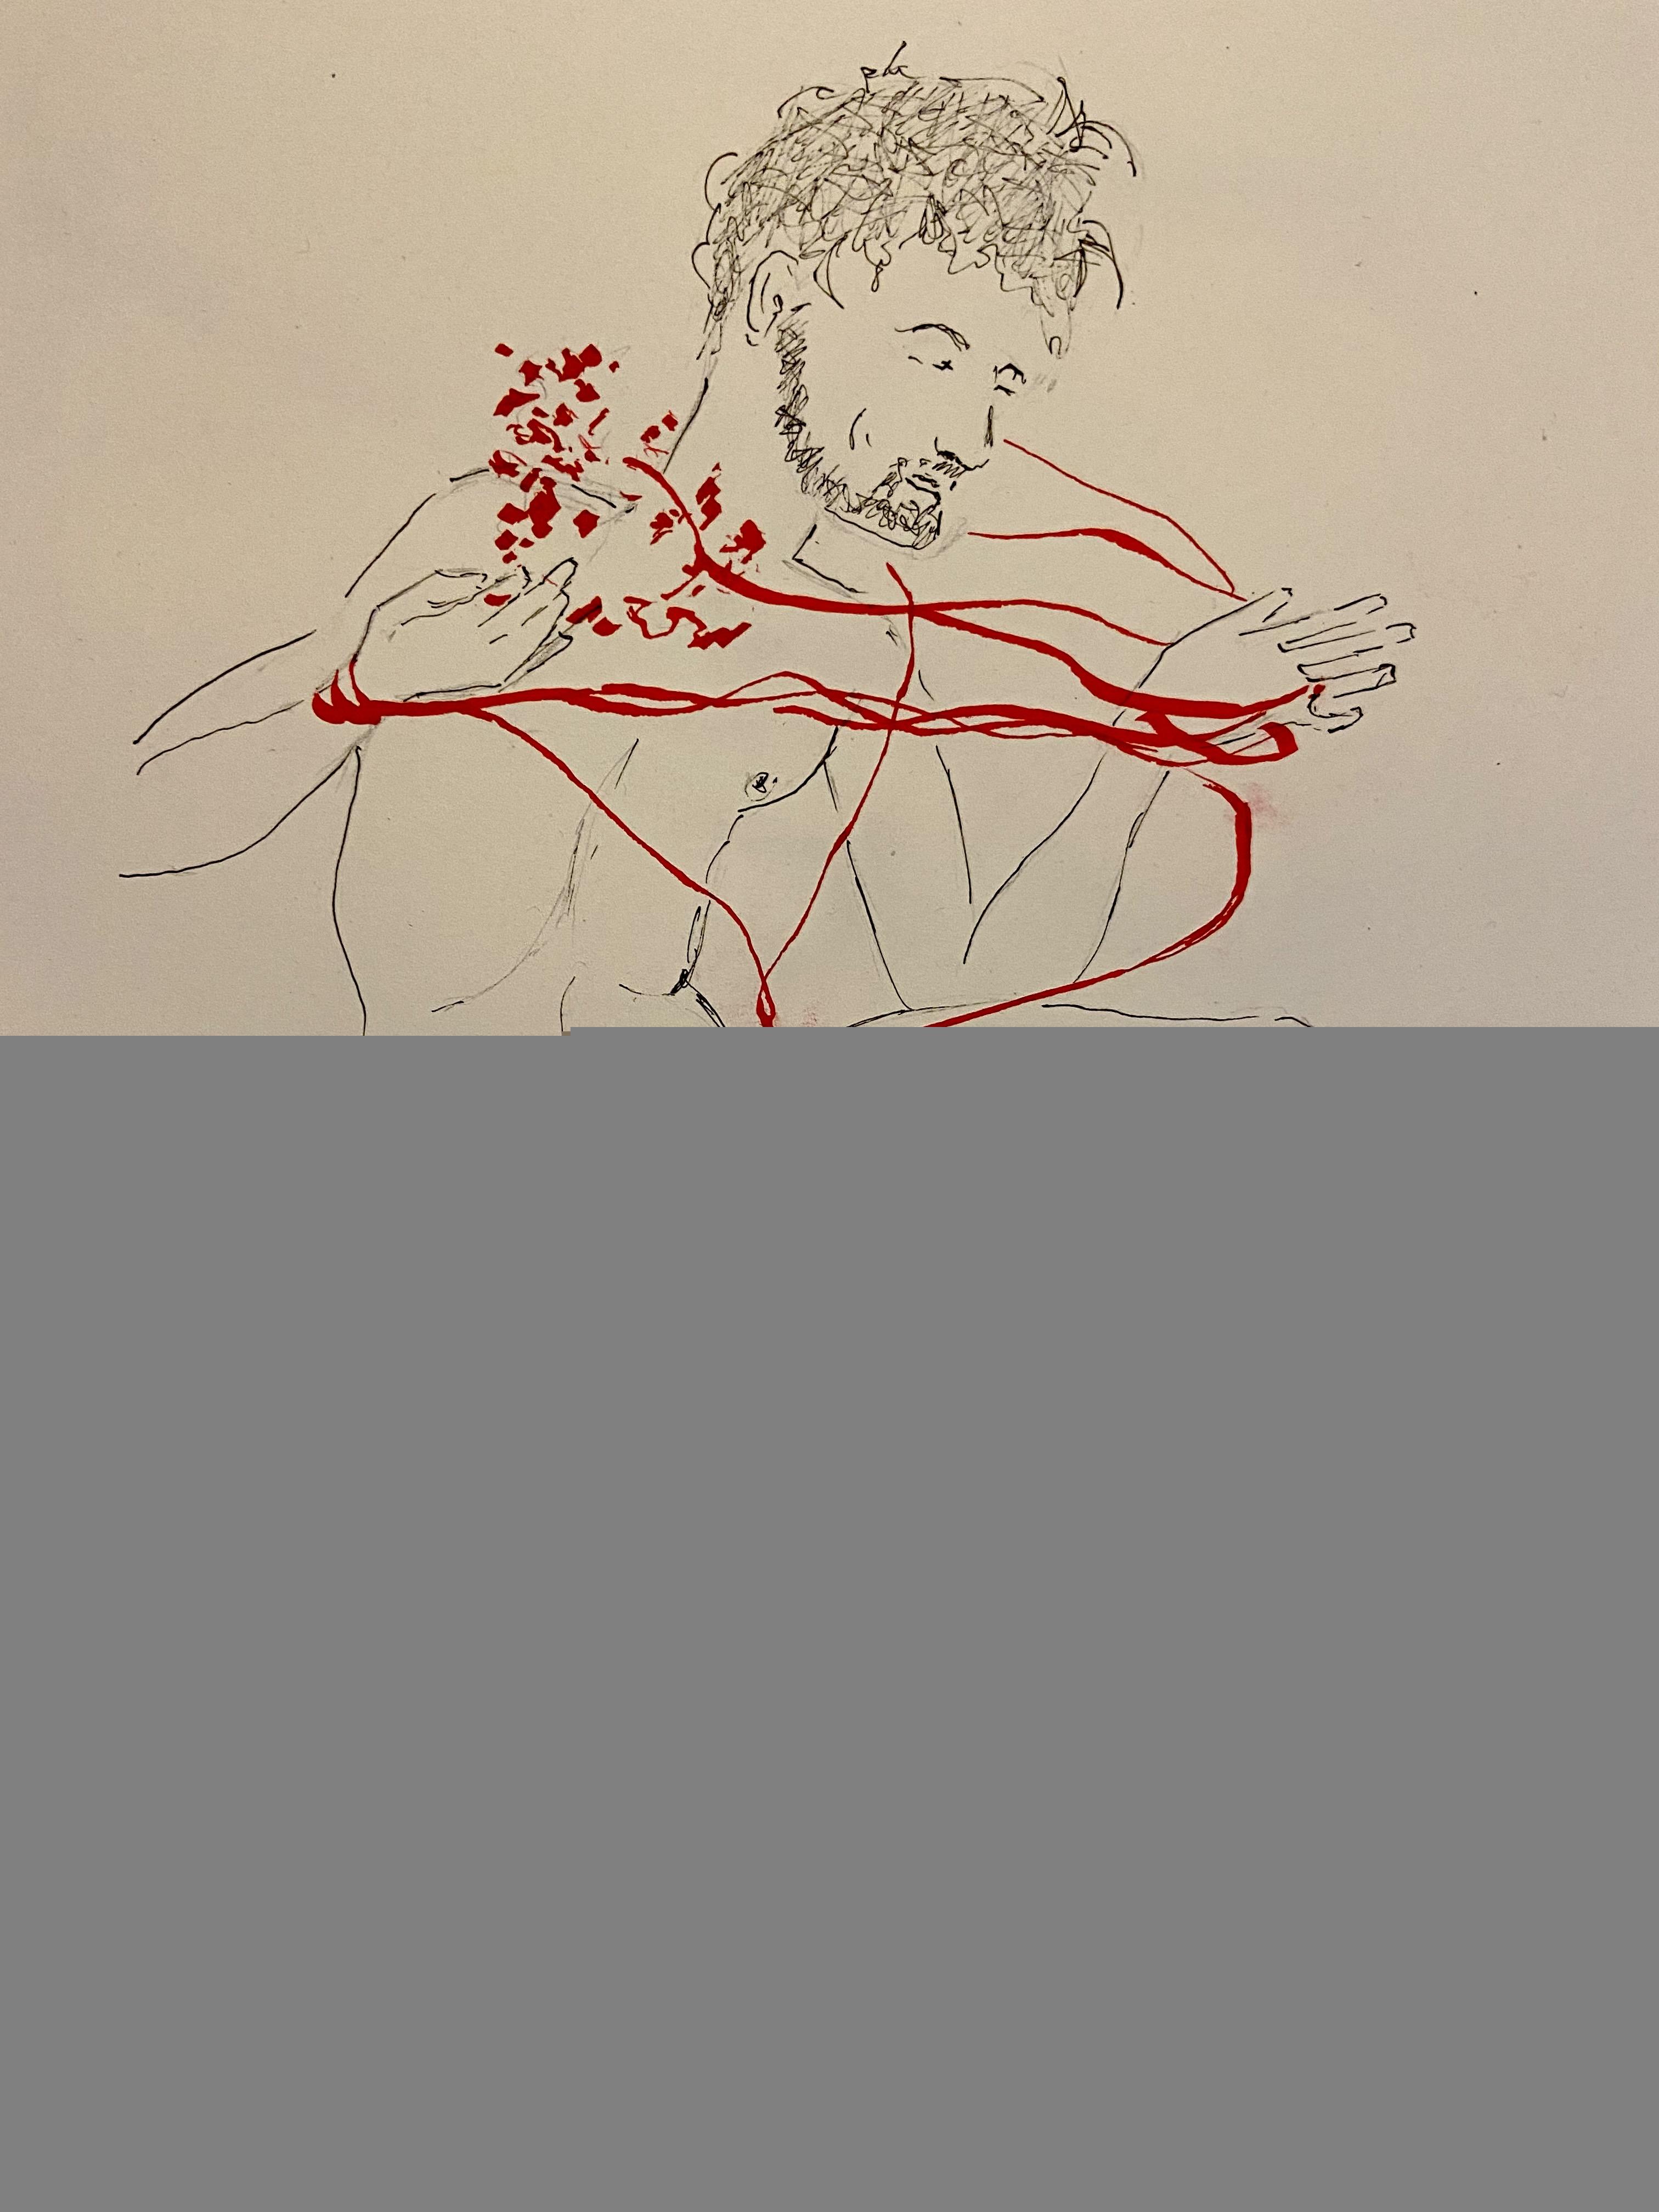 Esquisse rapide plume encre de Chine encre rouge sur papier réalisé lors de nos cours de dessin  cours de dessin